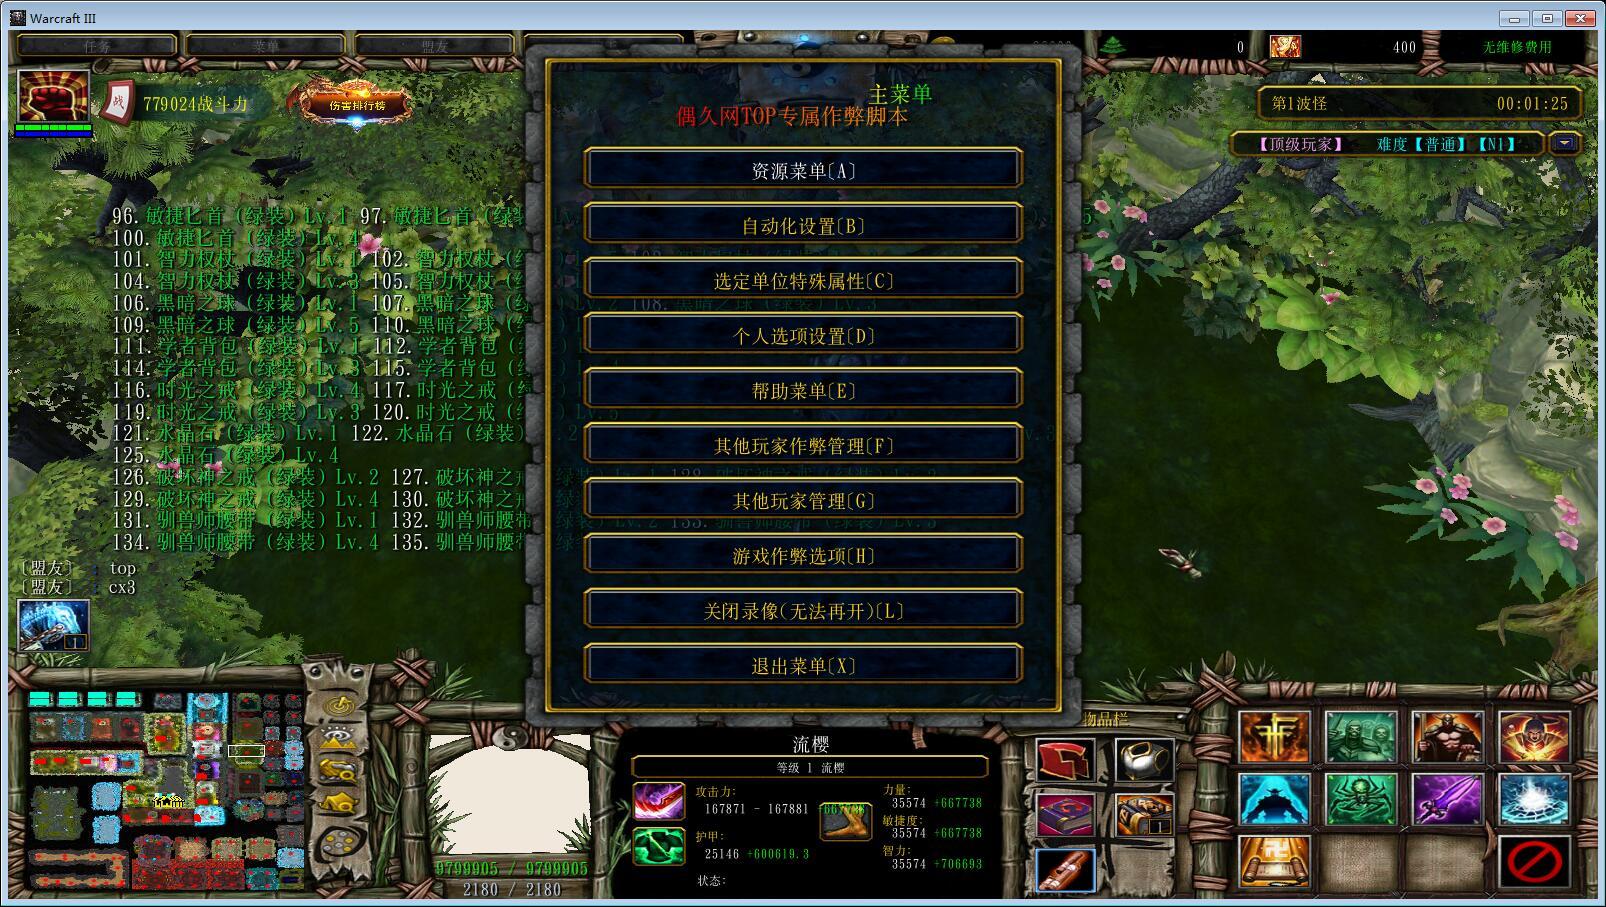 顶级玩家1.2.2破解版 解锁全英雄+全商城特权+存档通关道具+狼牙锤+刷物品无CD